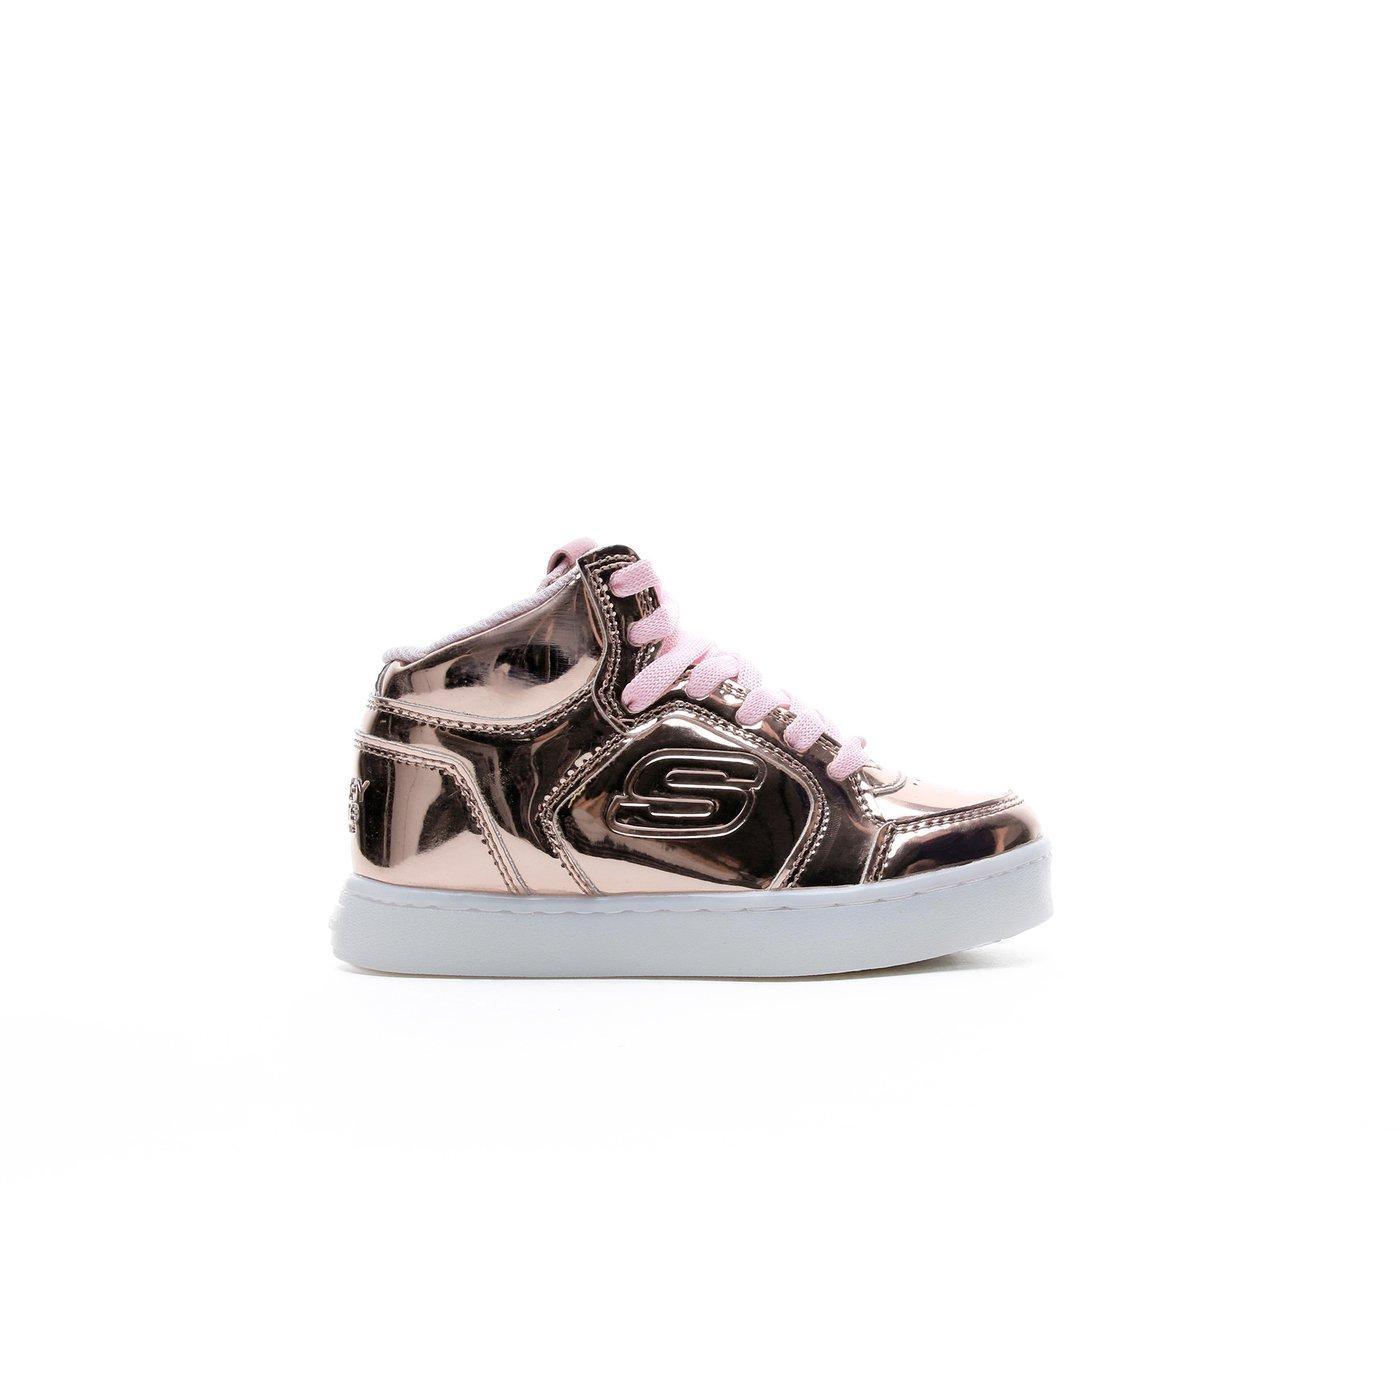 Skechers Energy Light Çocuk Altın Renkli Işıklı Spor Ayakkabı